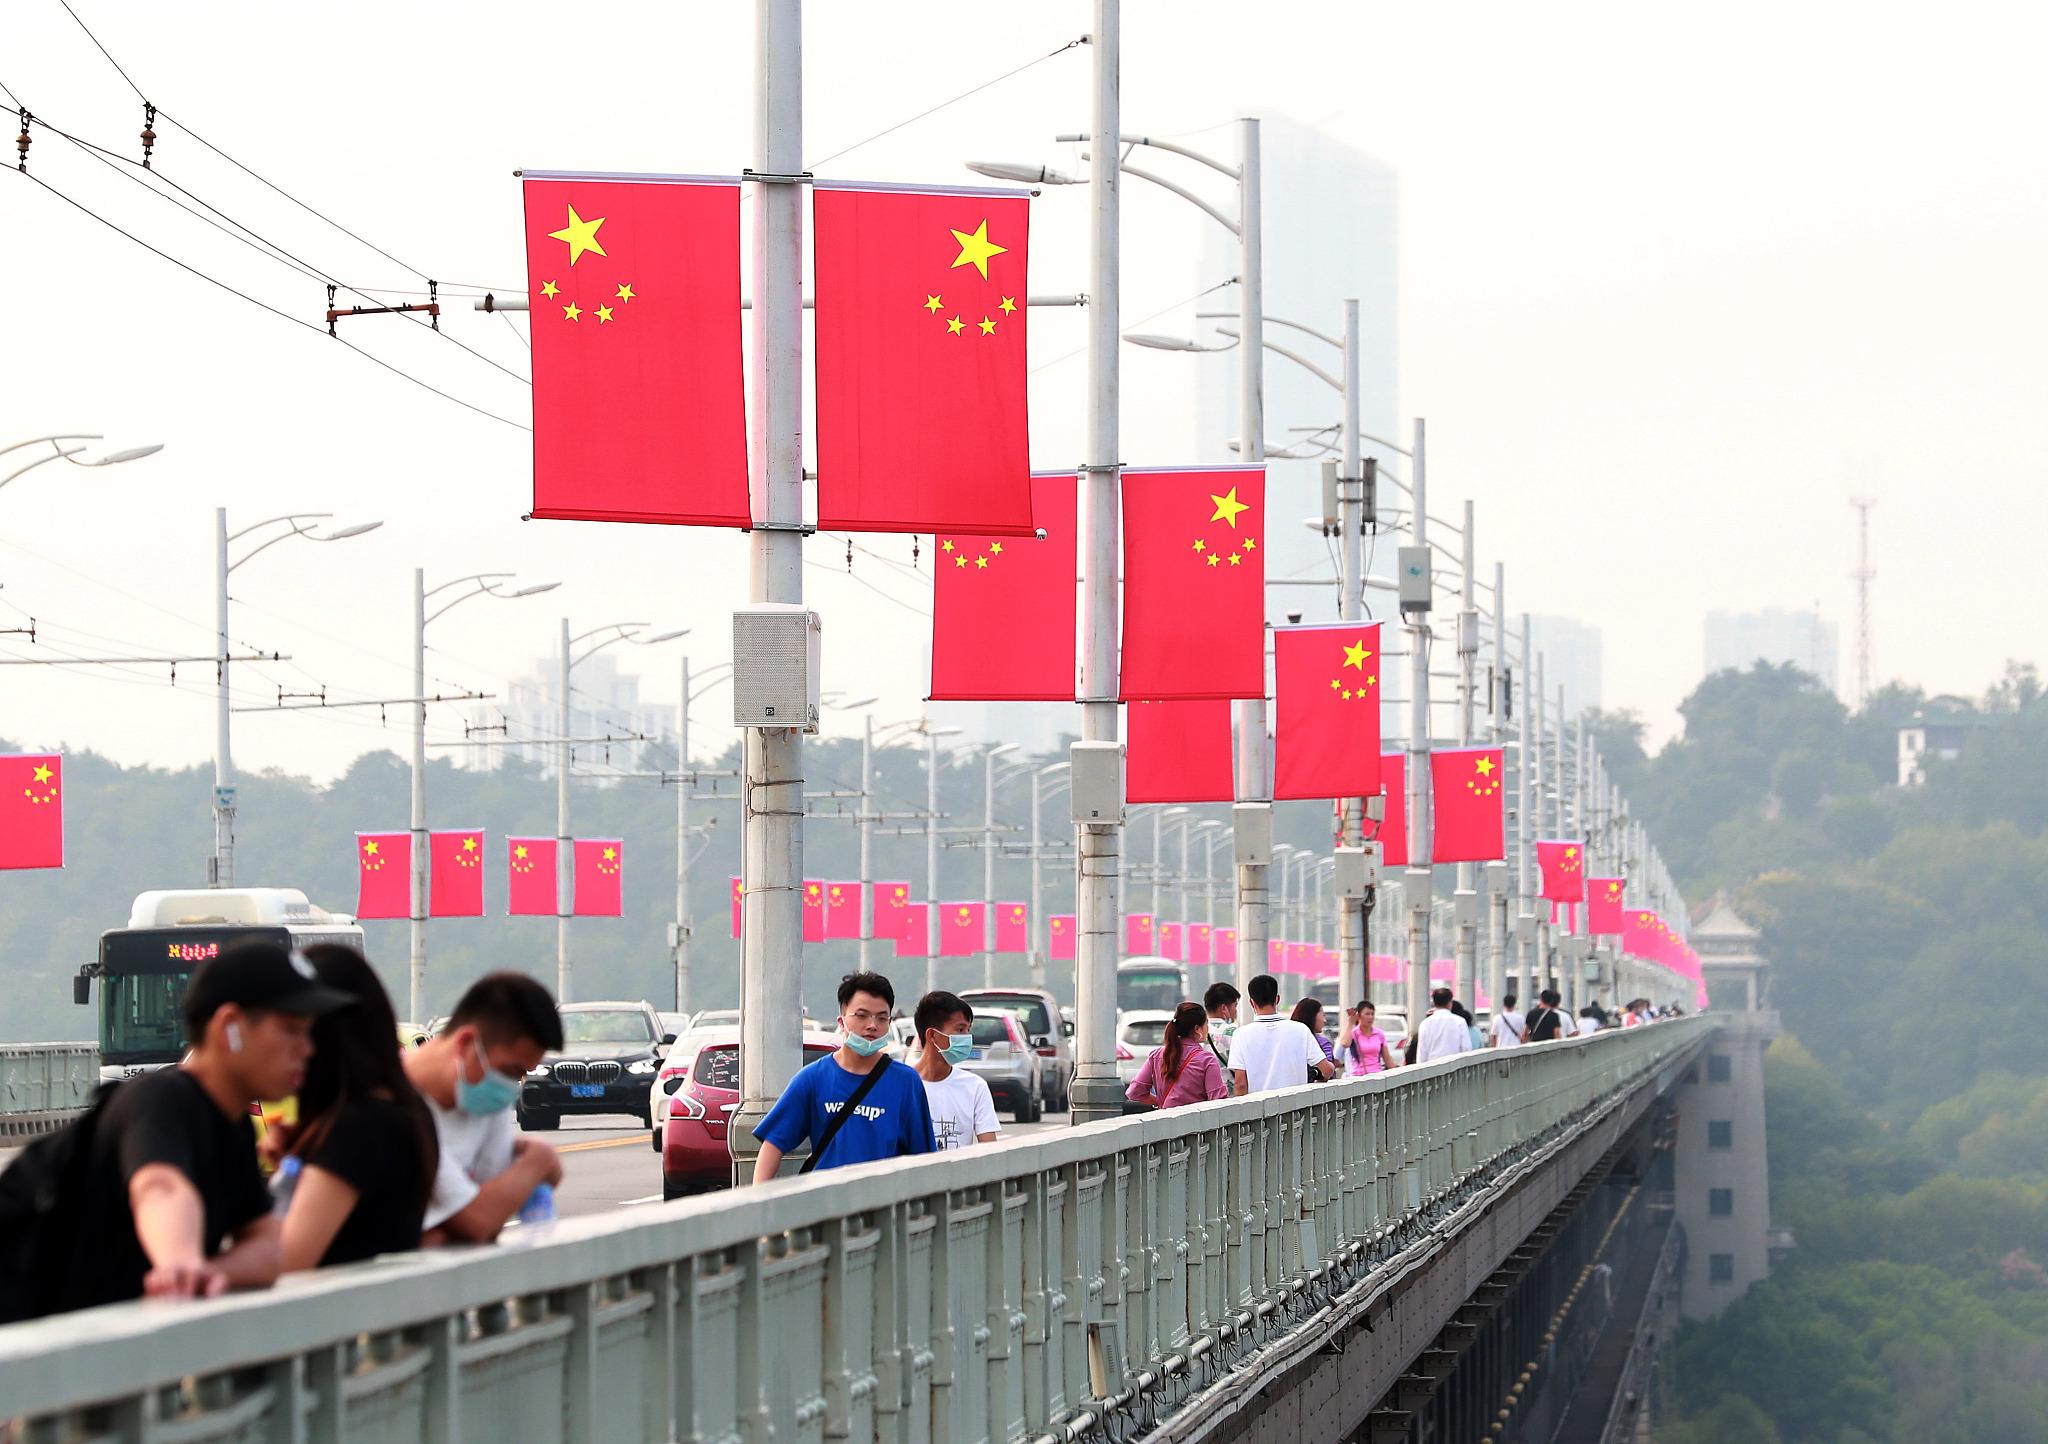 2020年9月27日,武汉长江大桥上挂满国旗